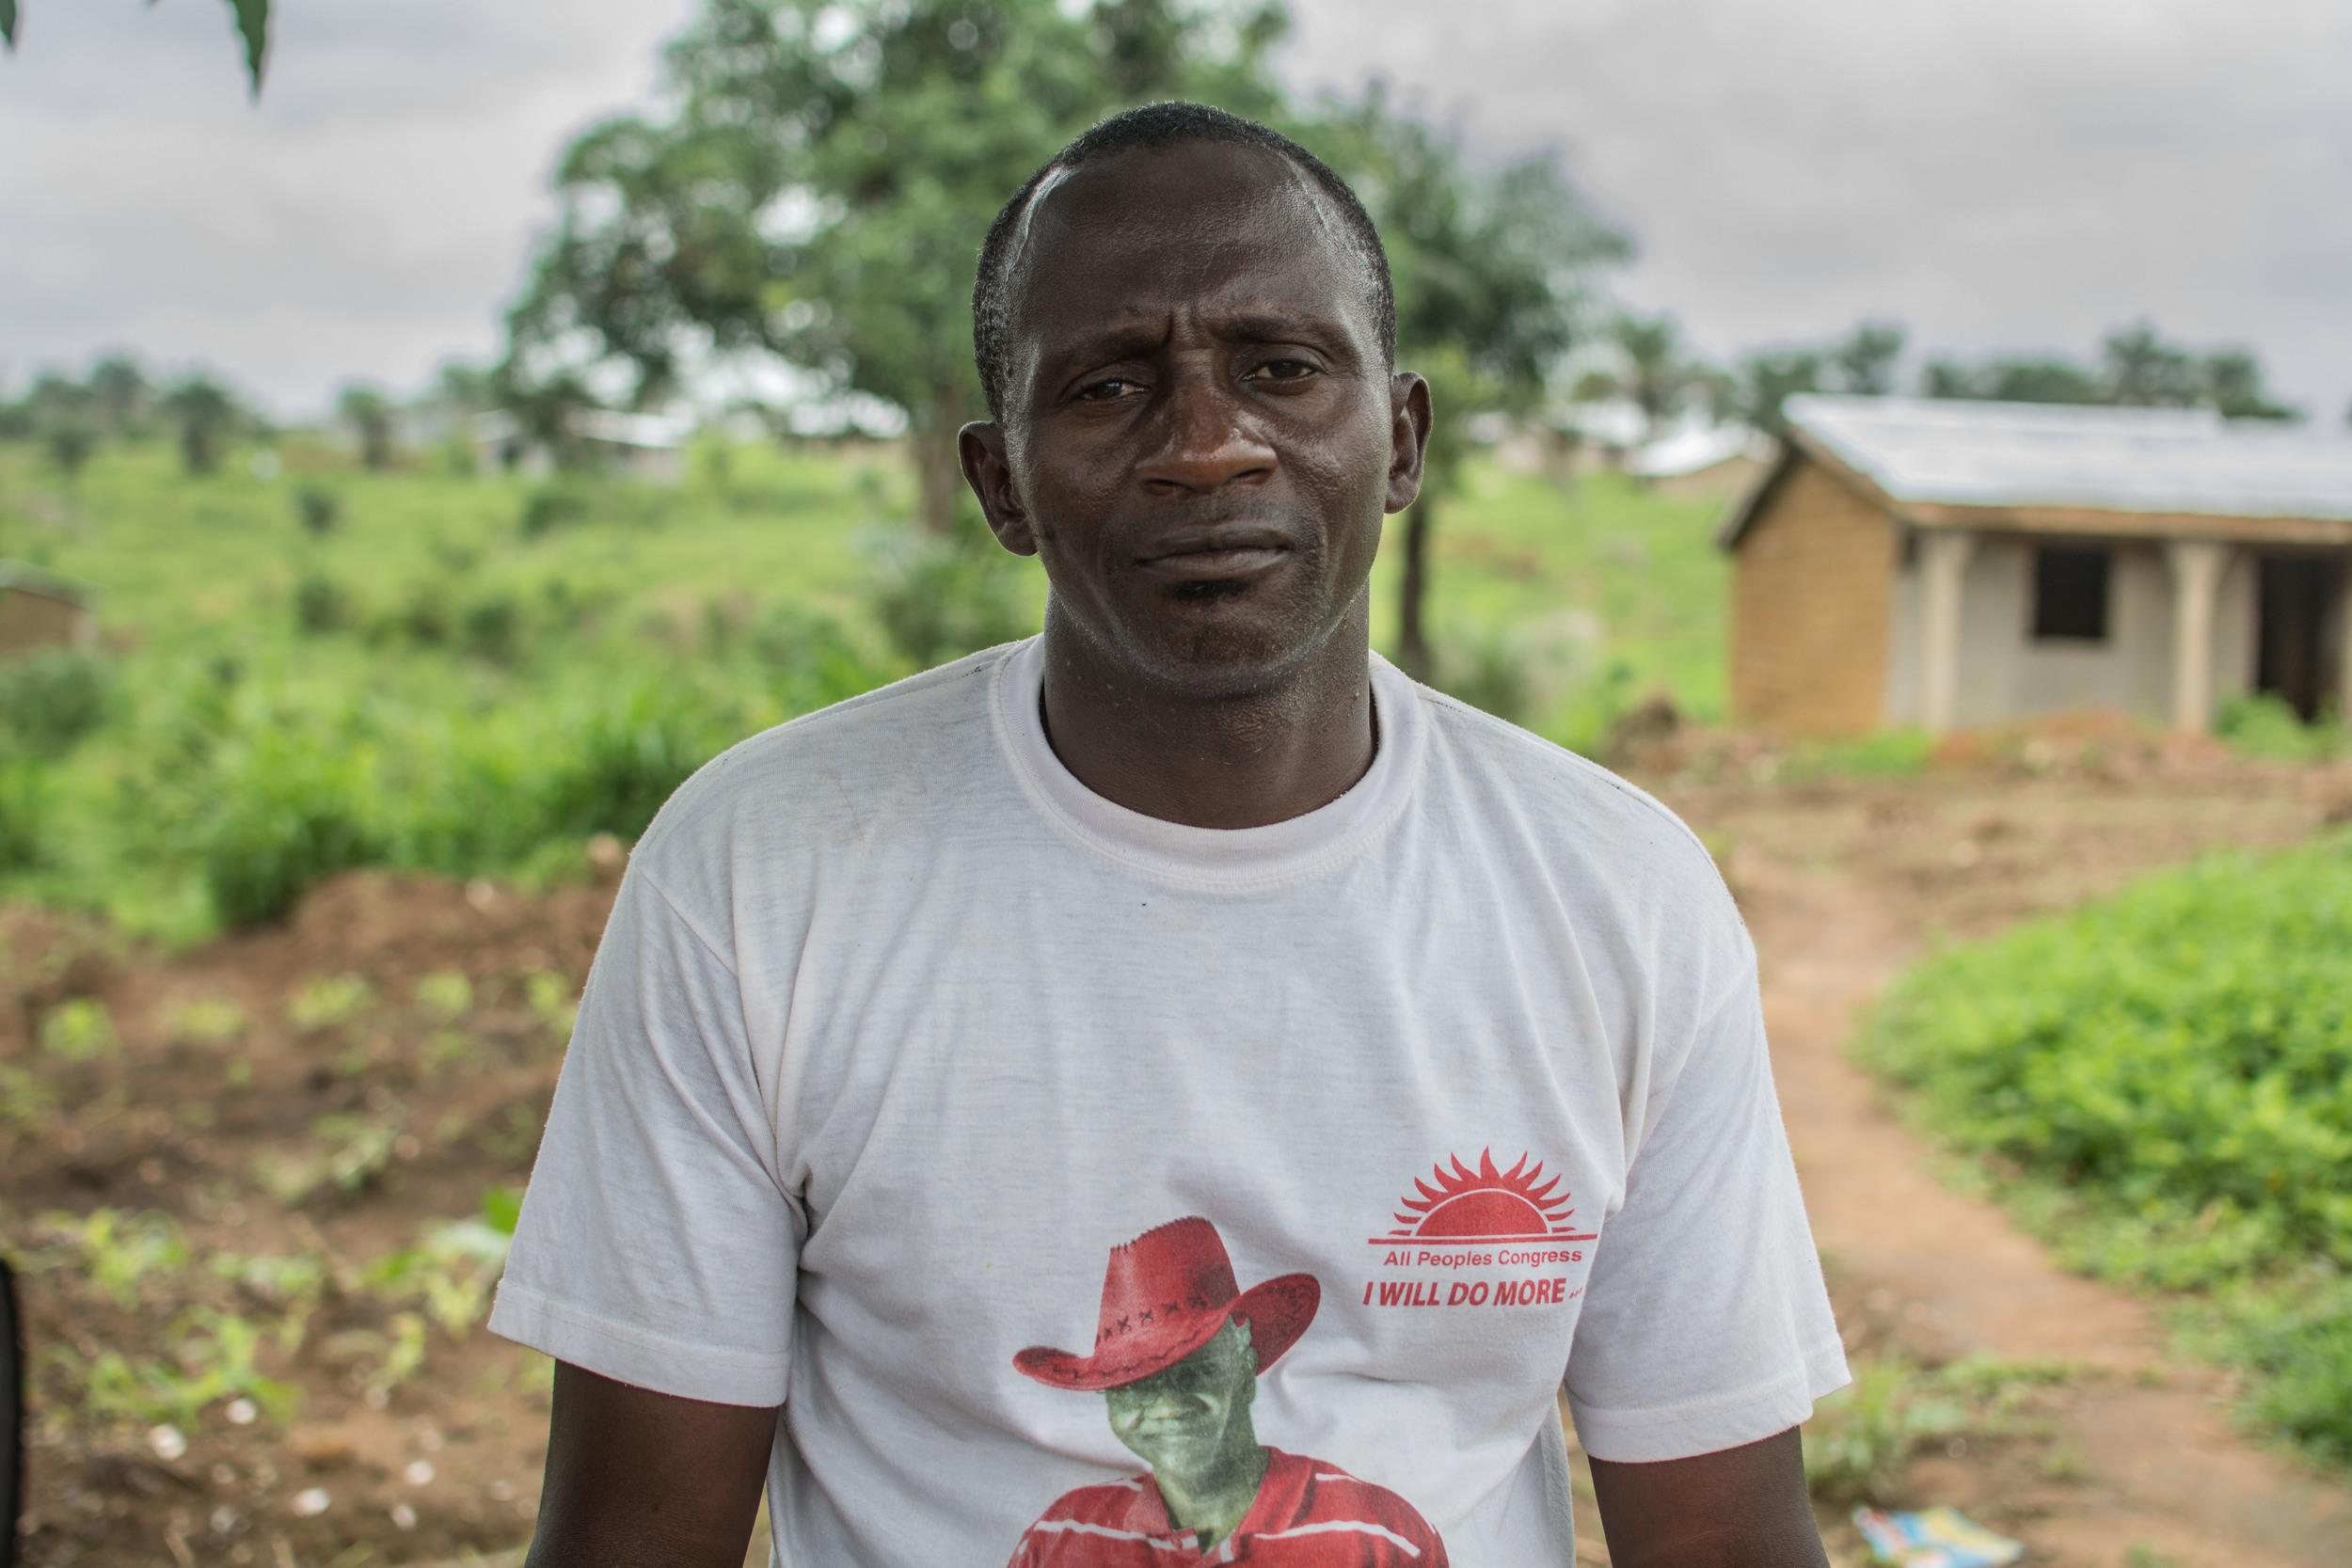 Depuis l'apparition d'Ebola, Foday Kargbo rapporte que nourrir sa famille est devenu un motif d'inquiétude quotidienne.